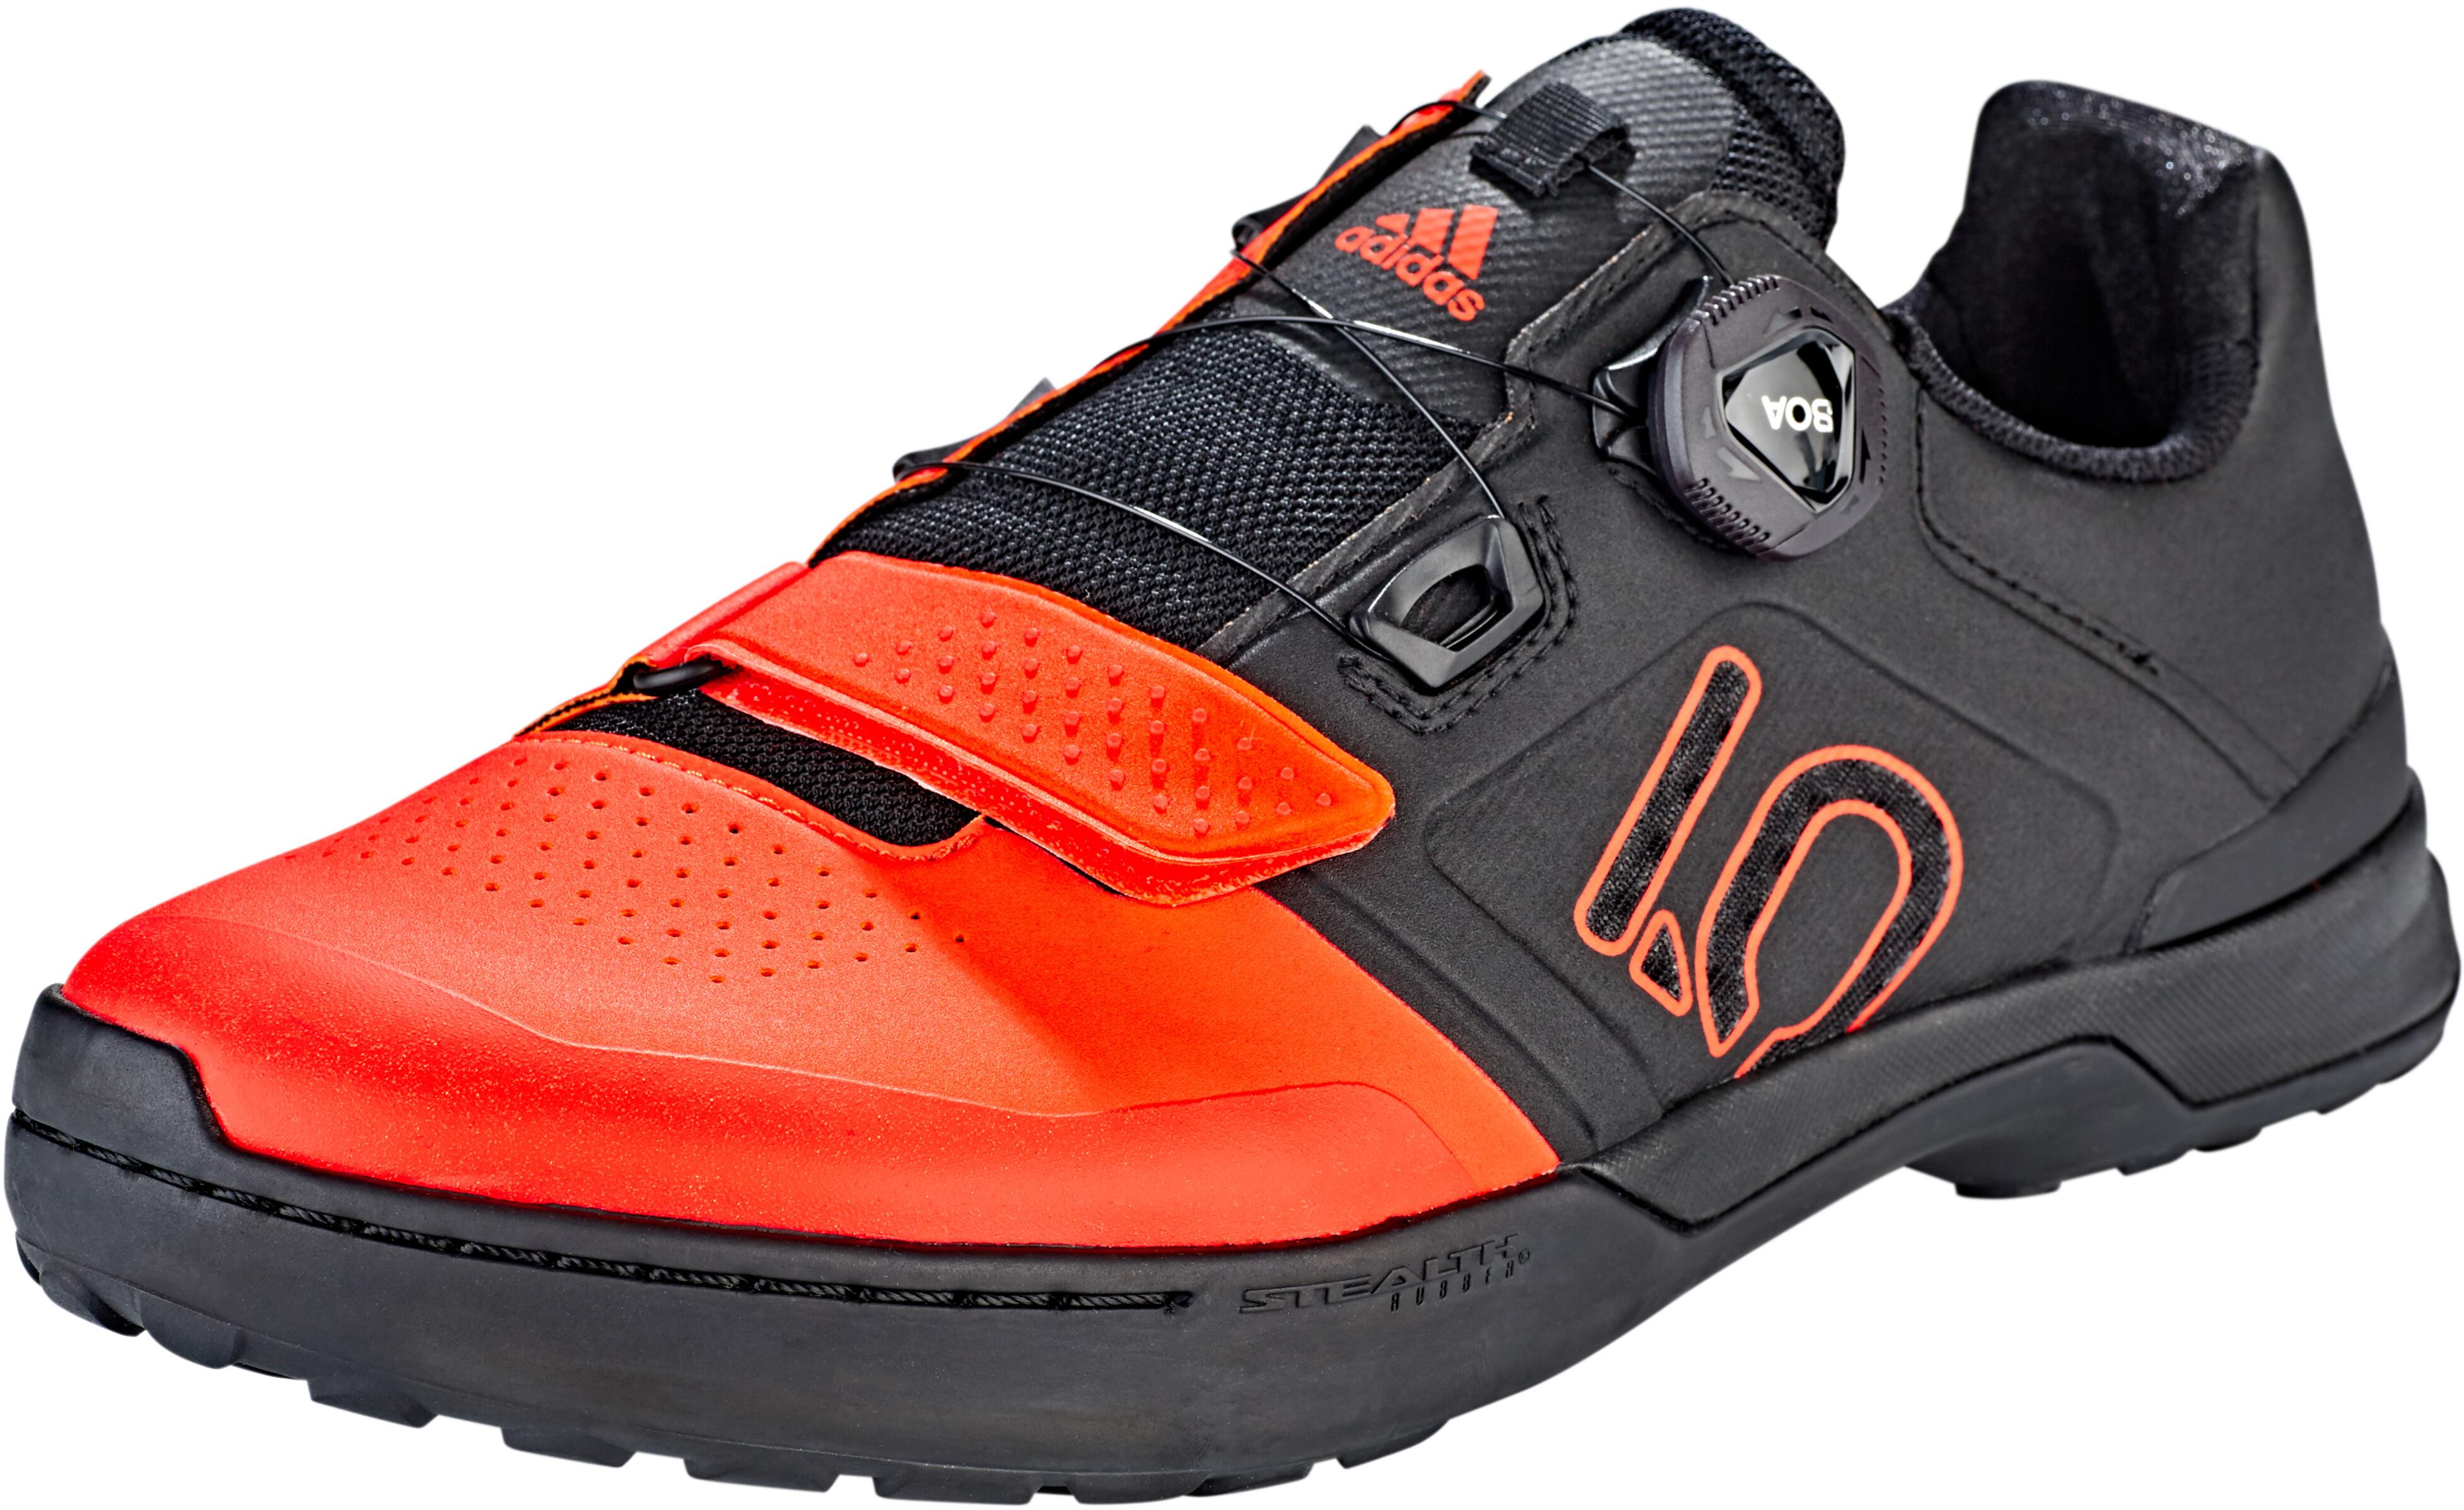 design de qualité fd9a7 eecf1 adidas Five Ten 5.10 Kestrel Pro Boa Chaussures Homme, active orange/core  black/core black